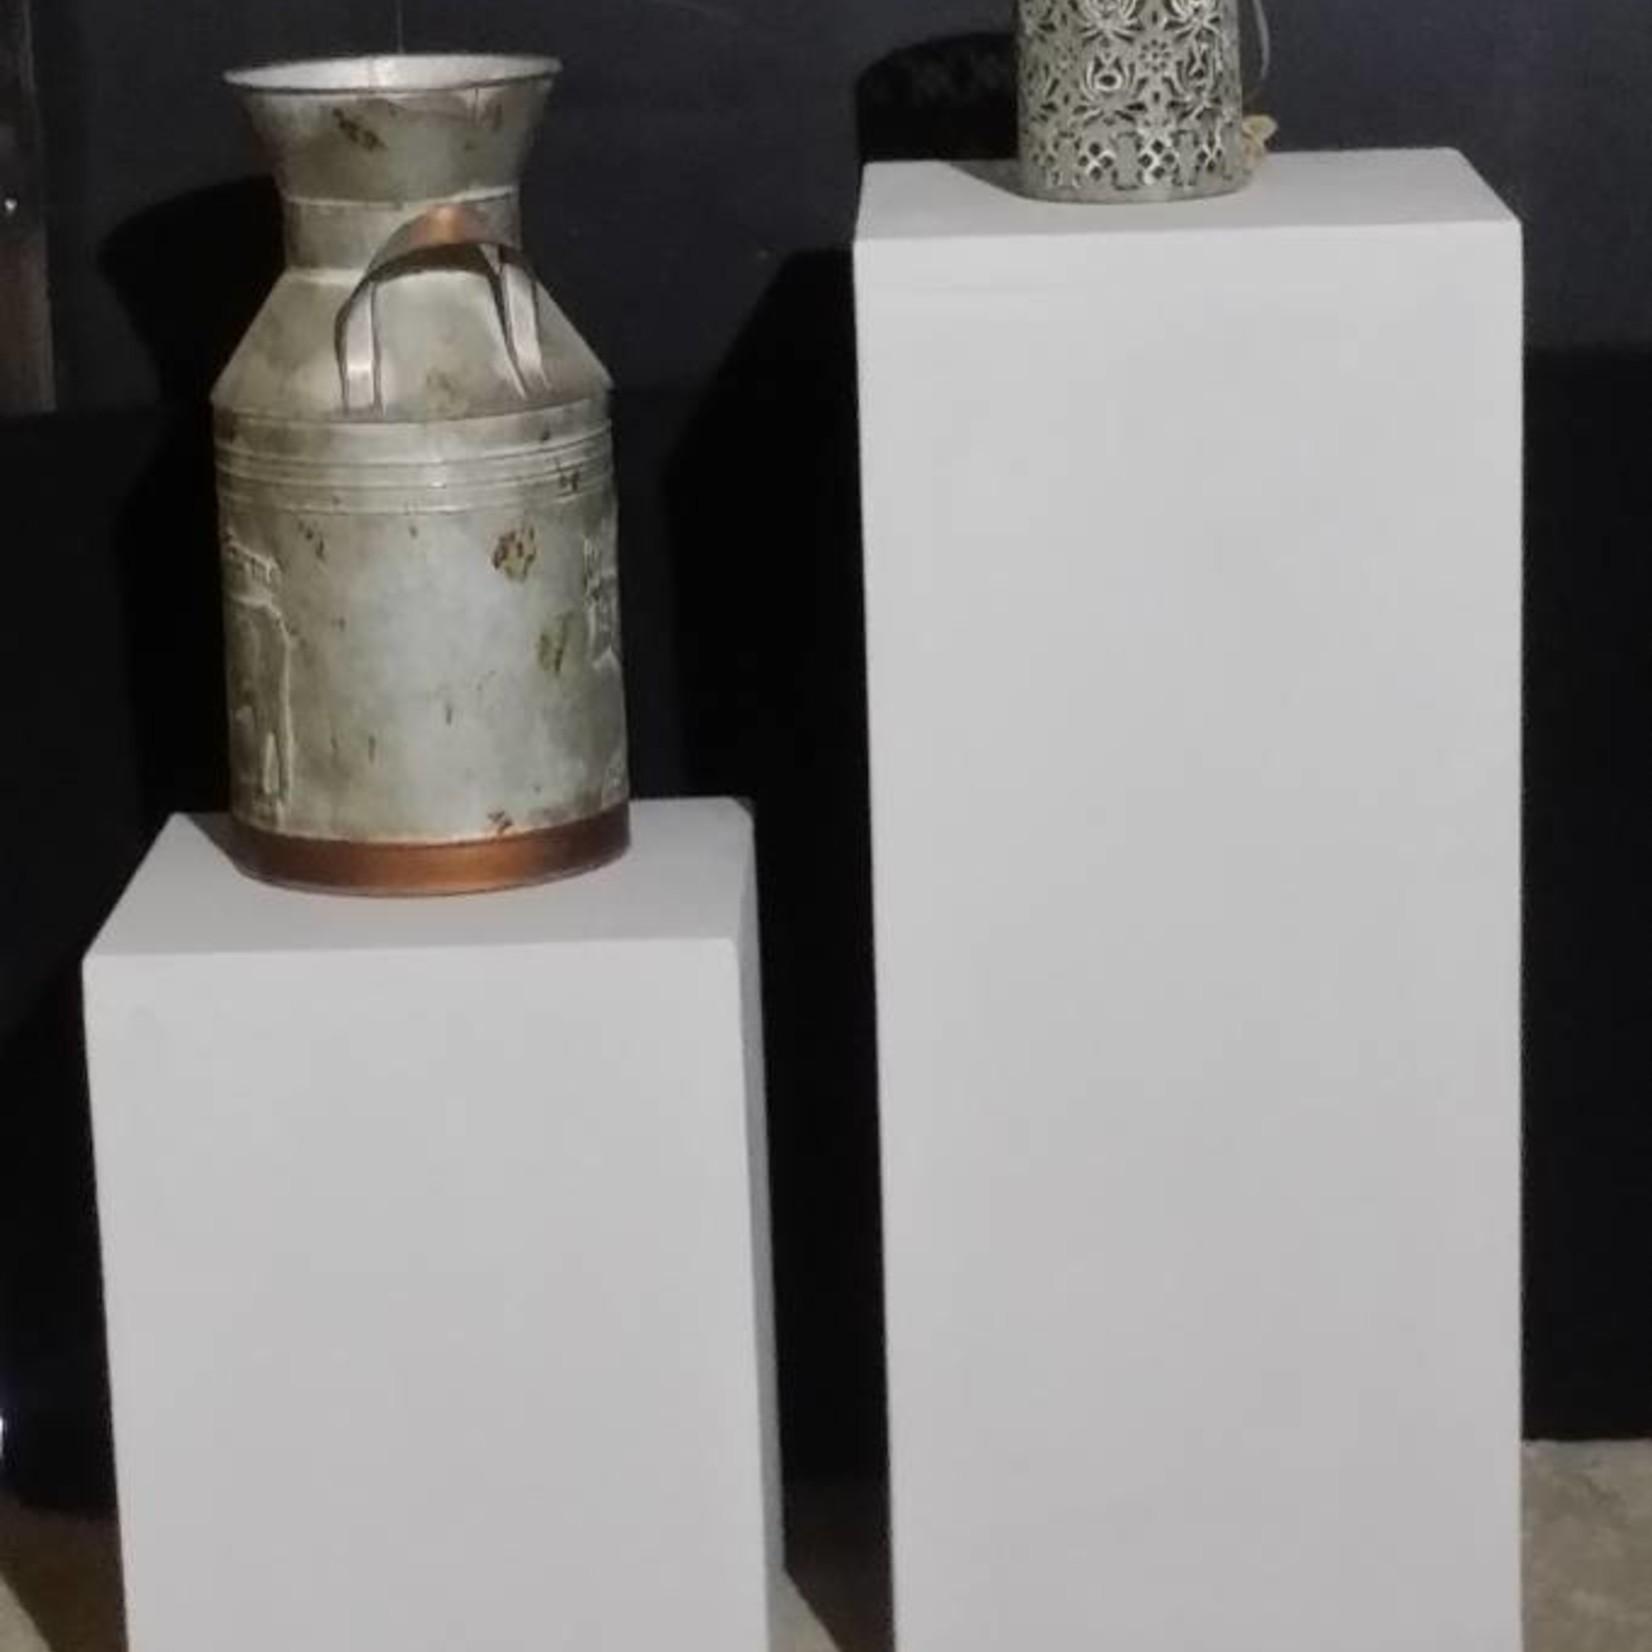 Zuil 30x30x60/160 - Boncreat Beton Ciré